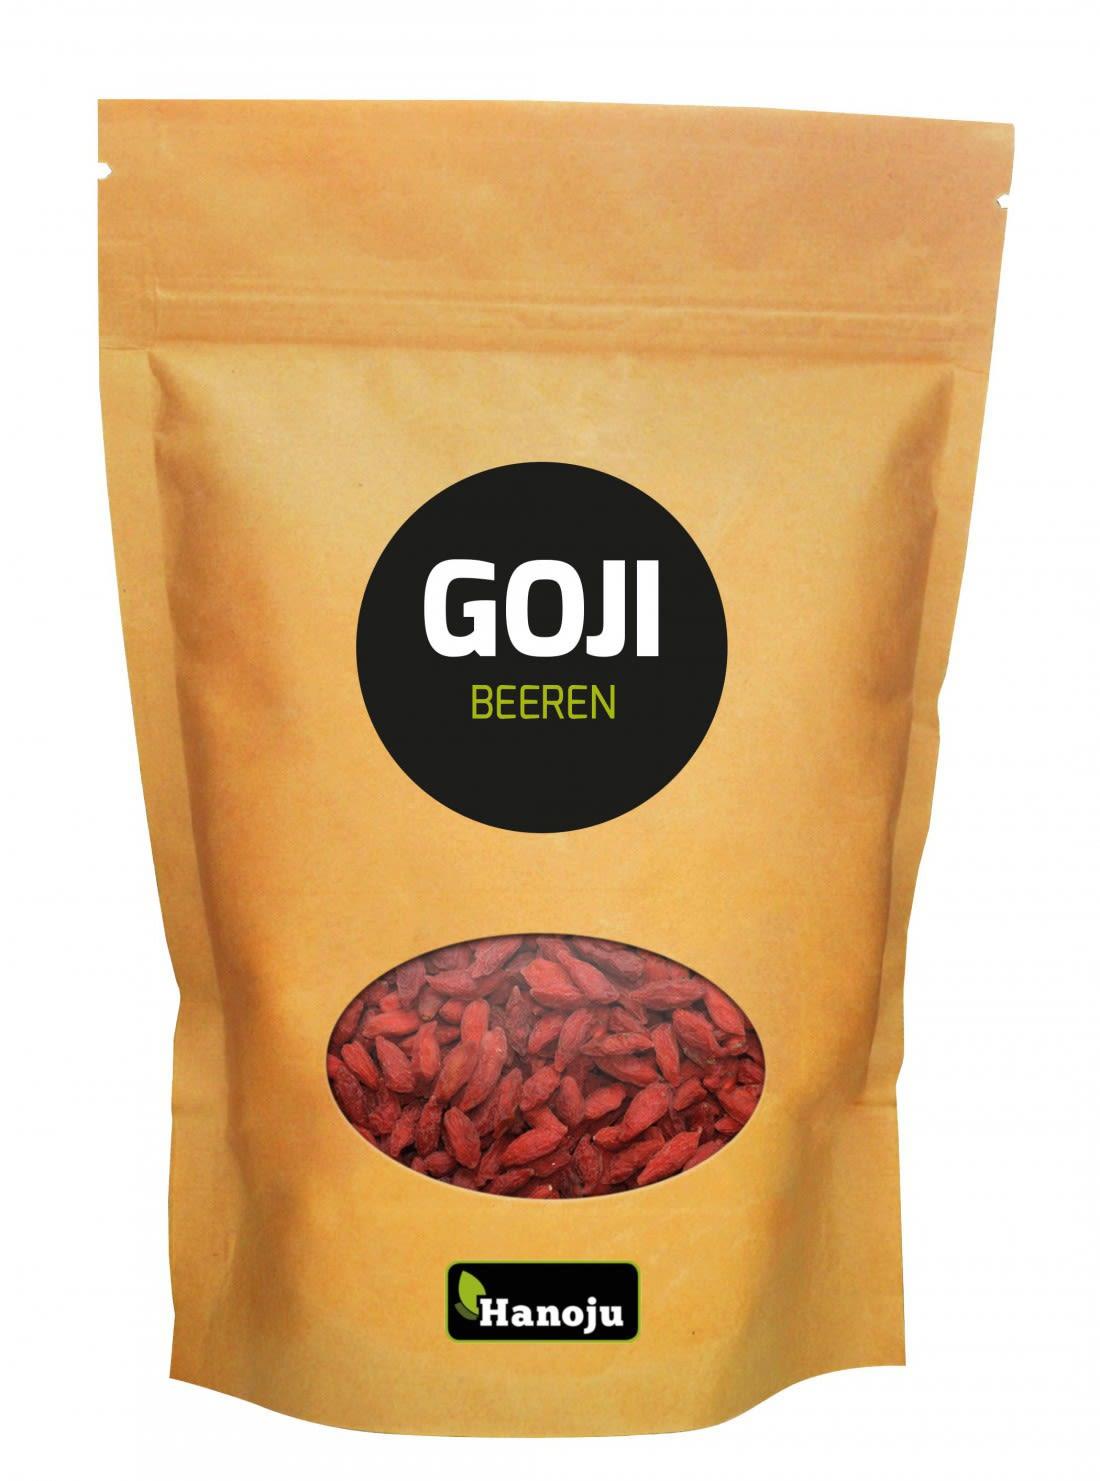 Goji Beeren sonnengetrocknet (1000g)